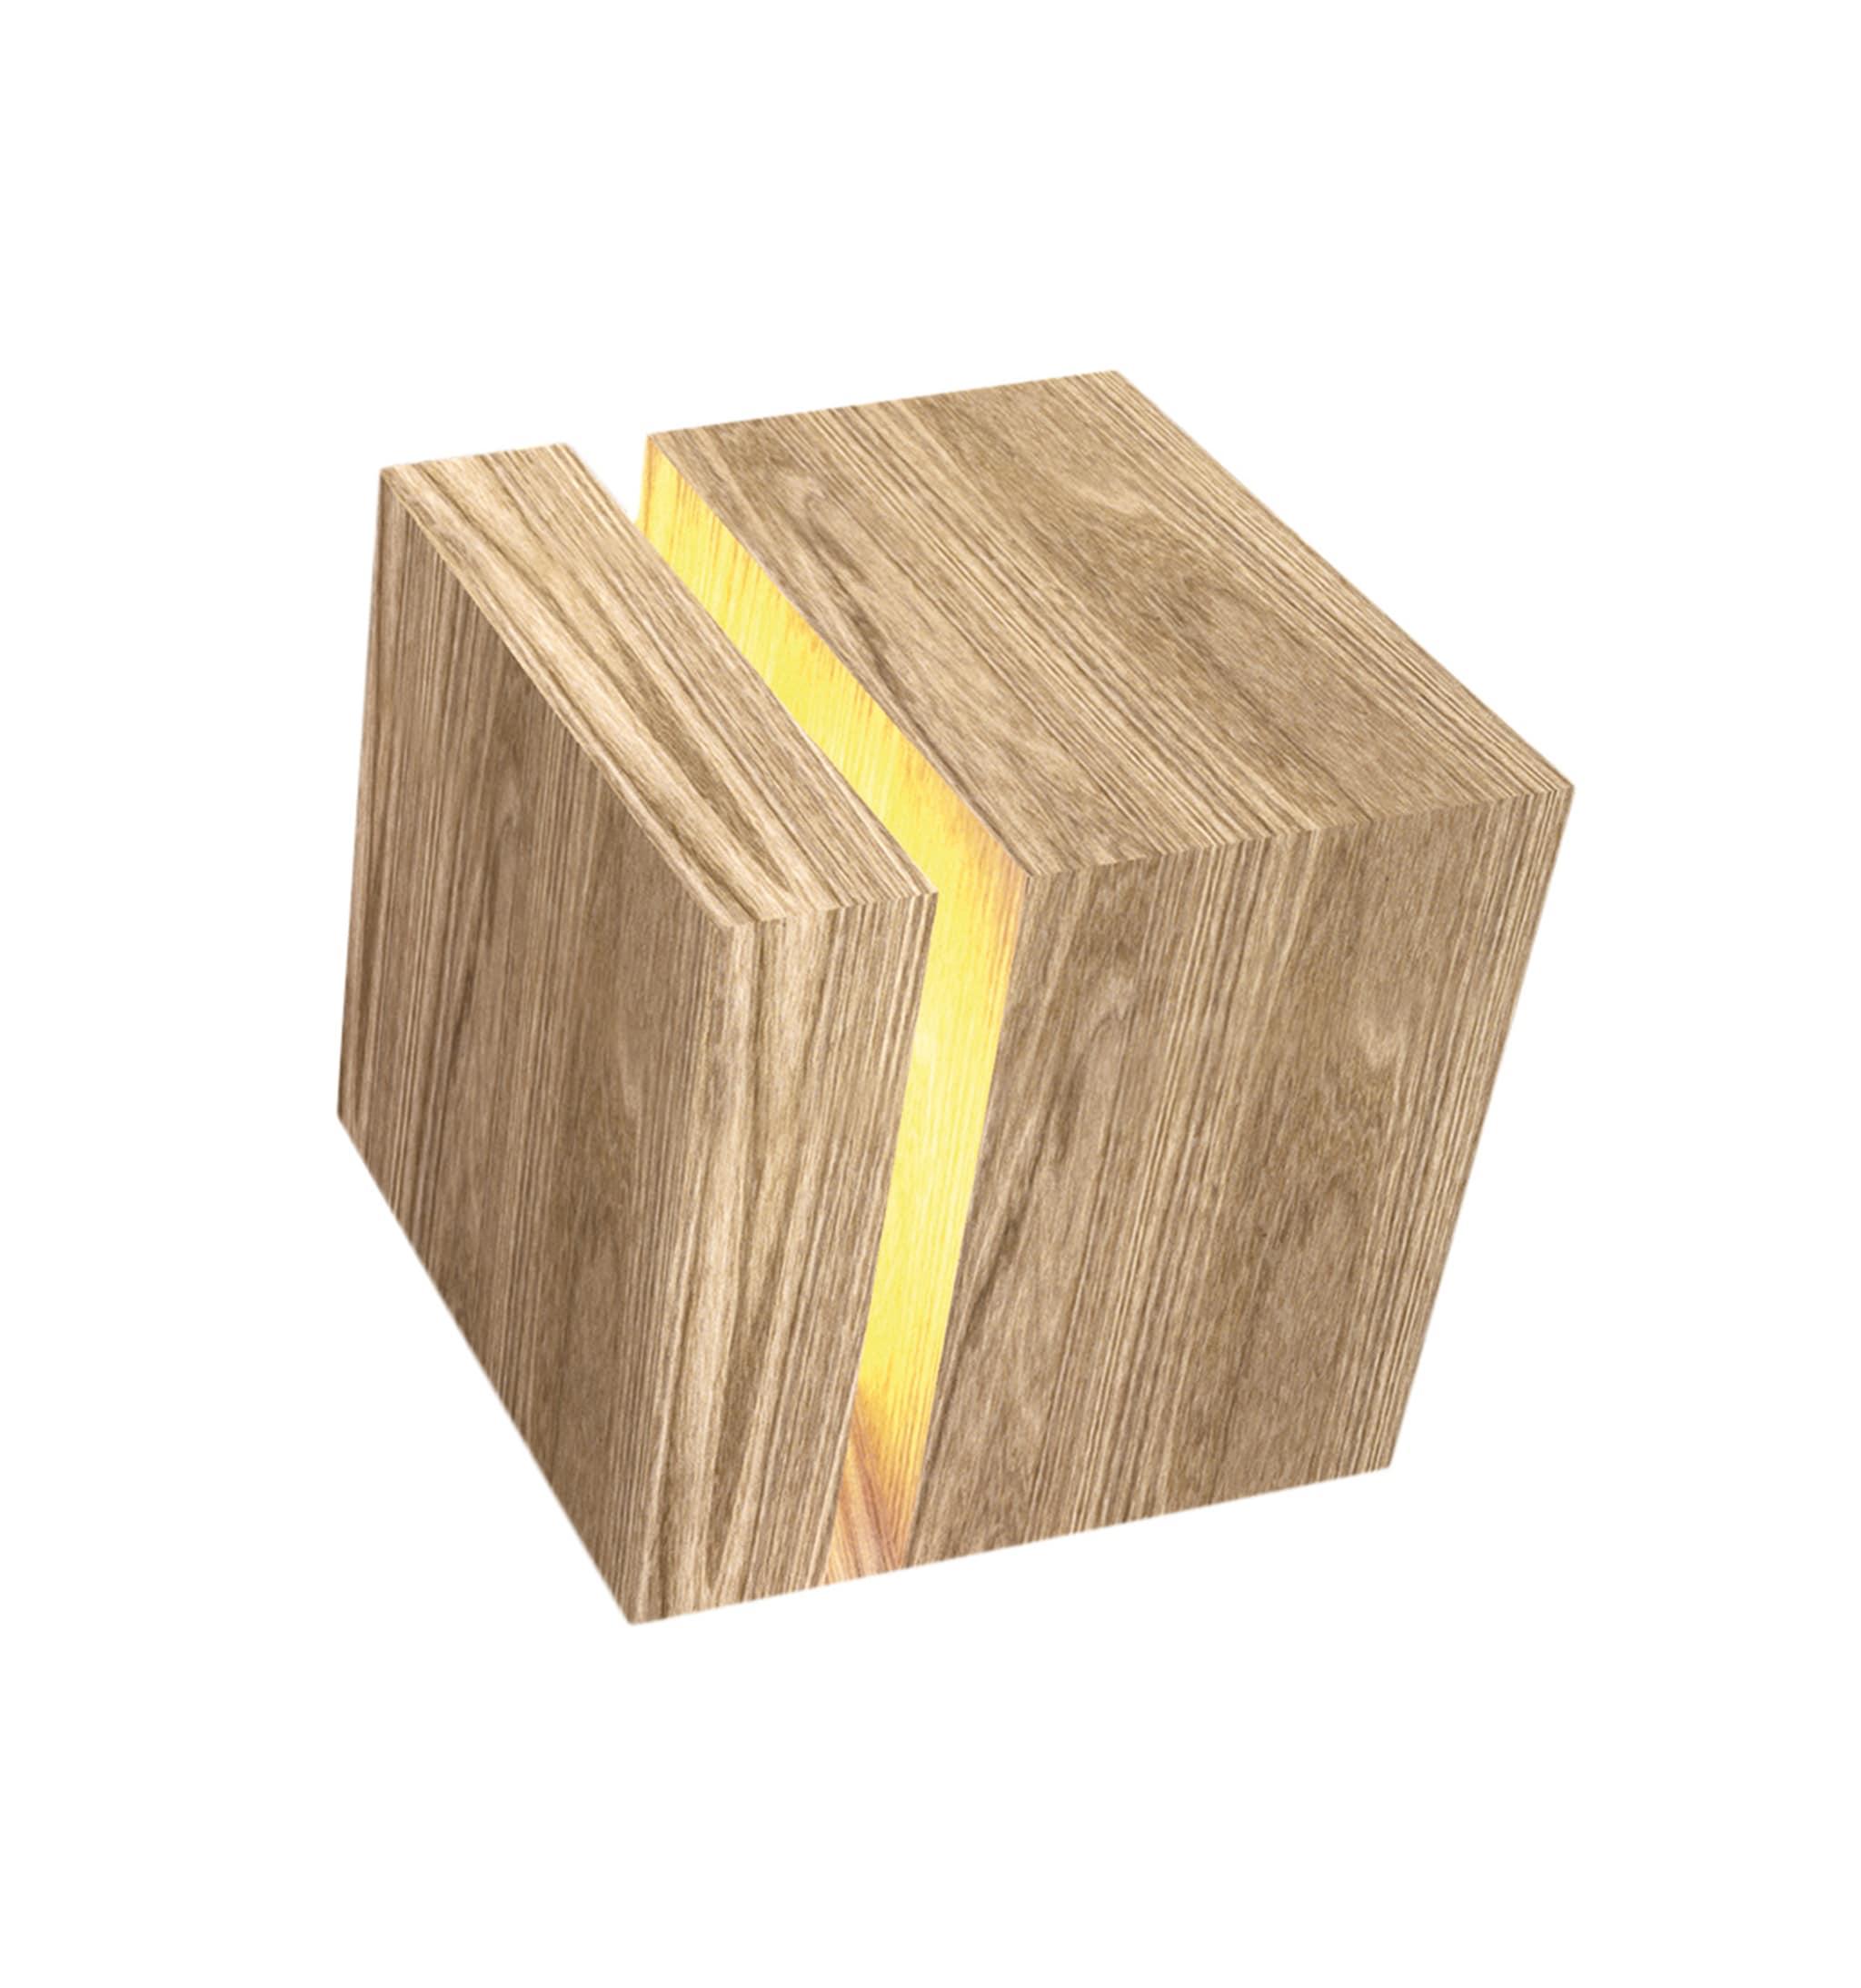 Cubo luminoso Abat Jour, design Archea Associati, in rovere massello trattato a olio, ITLAS (prezzo su richiesta).